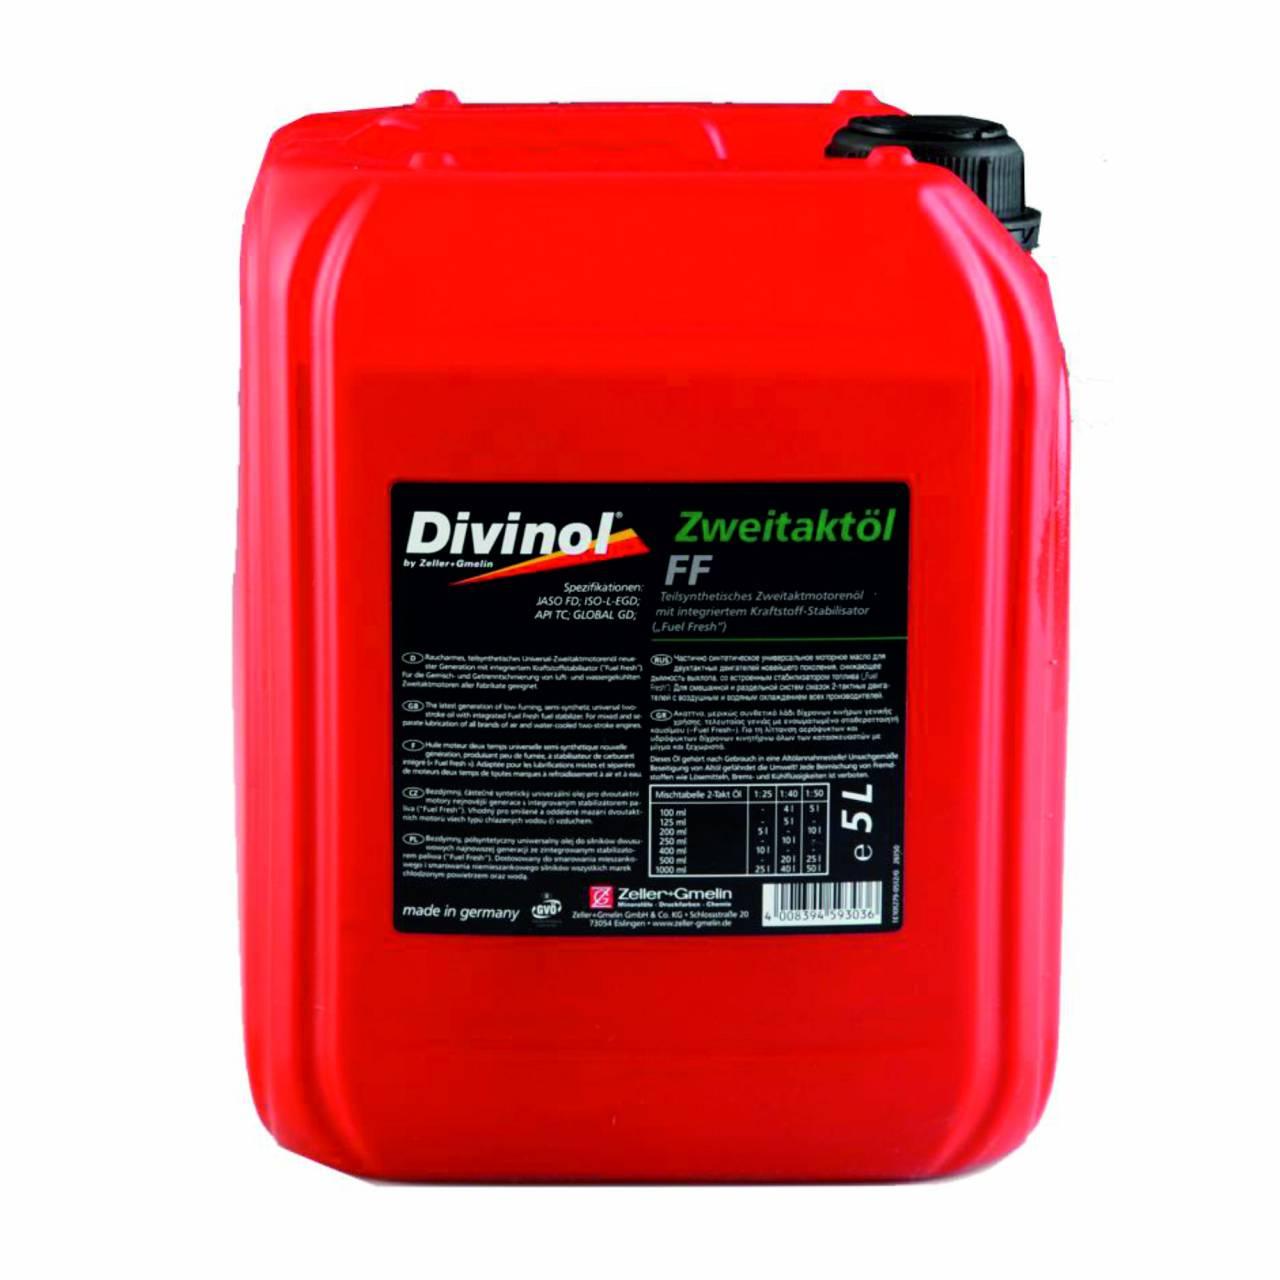 Zweitaktöl 'Divinol' FF / 5,0 Liter Kanister